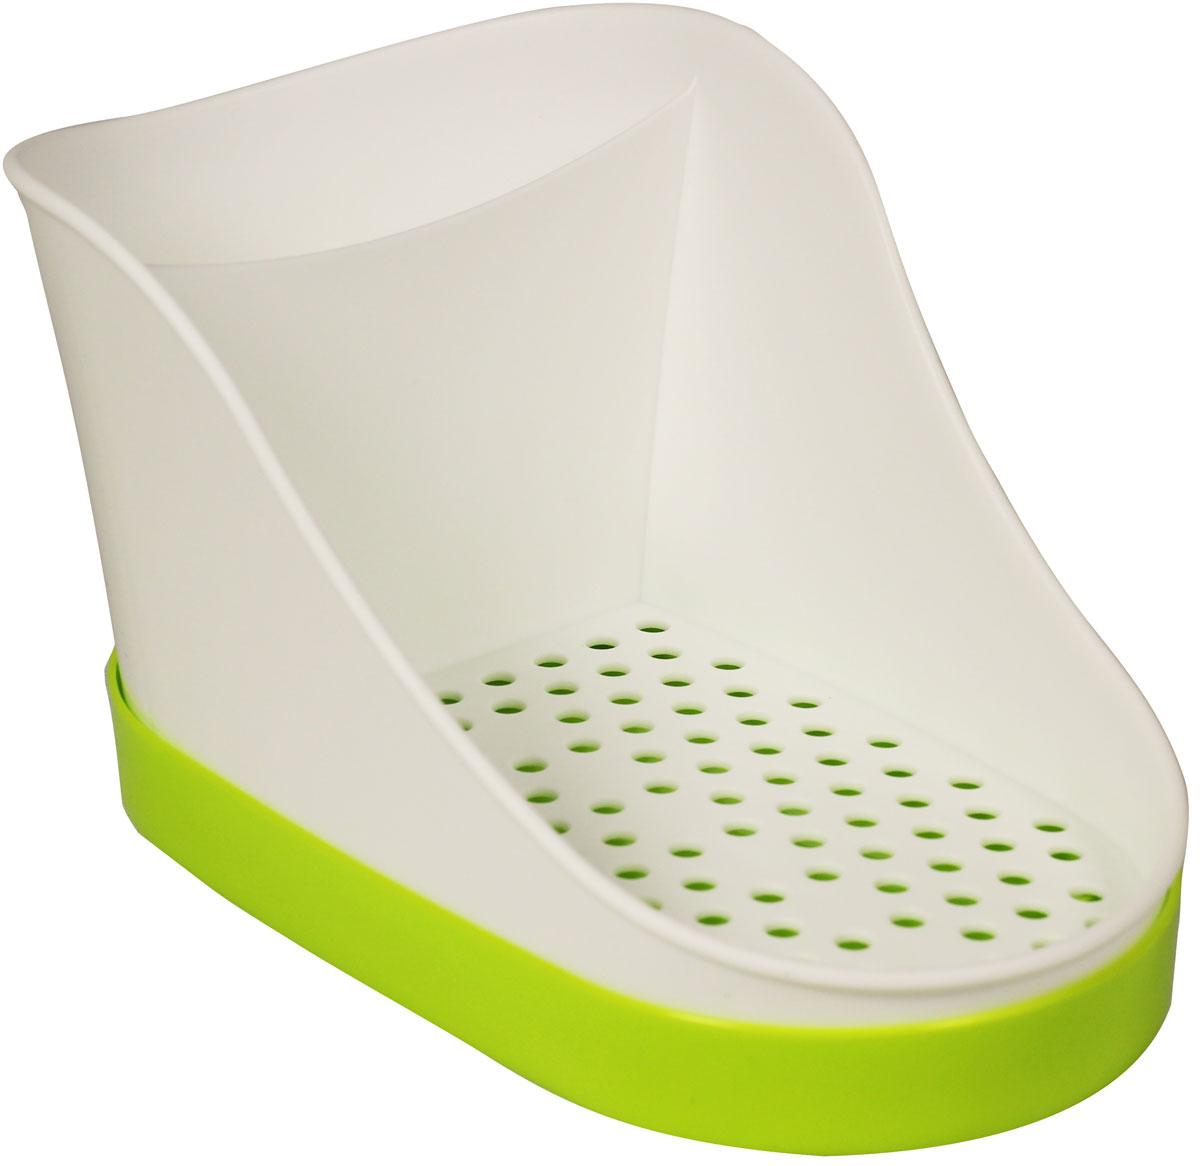 Подставка для моющих средств Idea, цвет: салатовый, 10,5 х 12,5 х 18,5 см подставка для моющих средств idea цвет салатовый 10 5 х 12 5 х 18 5 см